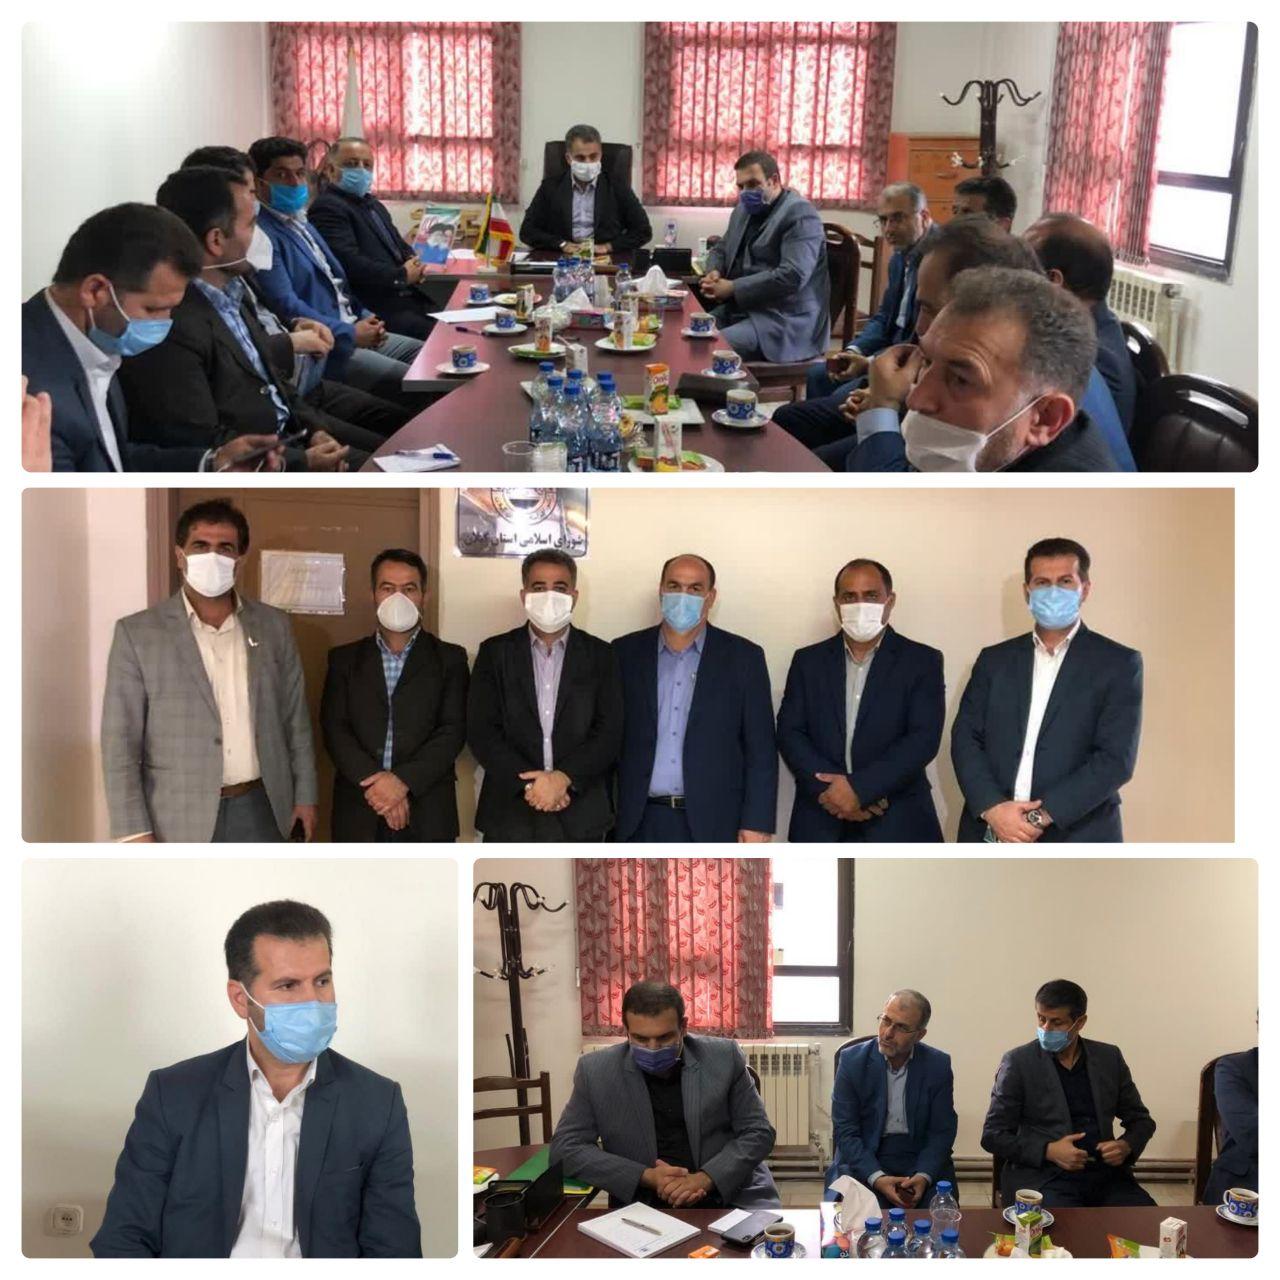 انتخابات هیئت رئیسه سال چهارم دوره پنجم شورای اسلامی استان گیلان برگزارشد